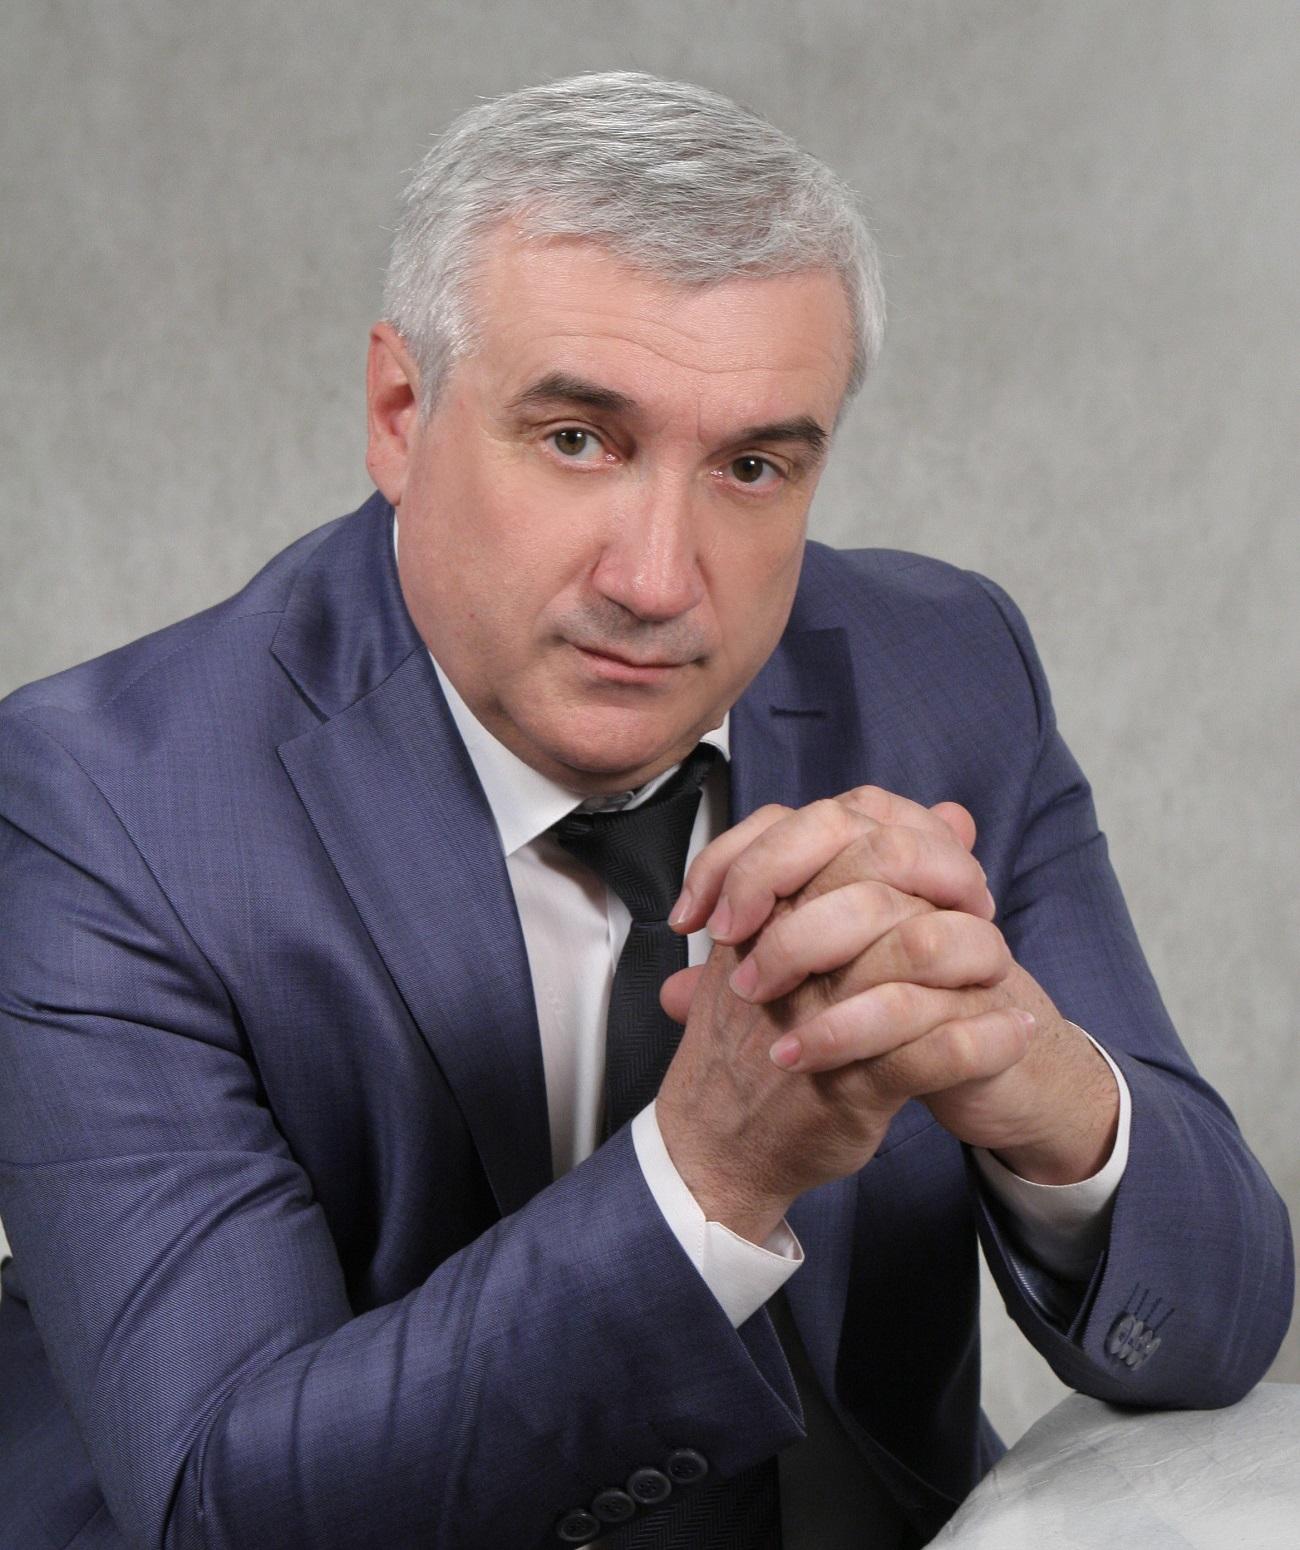 Љубомир Радиновић. Фотографија из личне архиве.